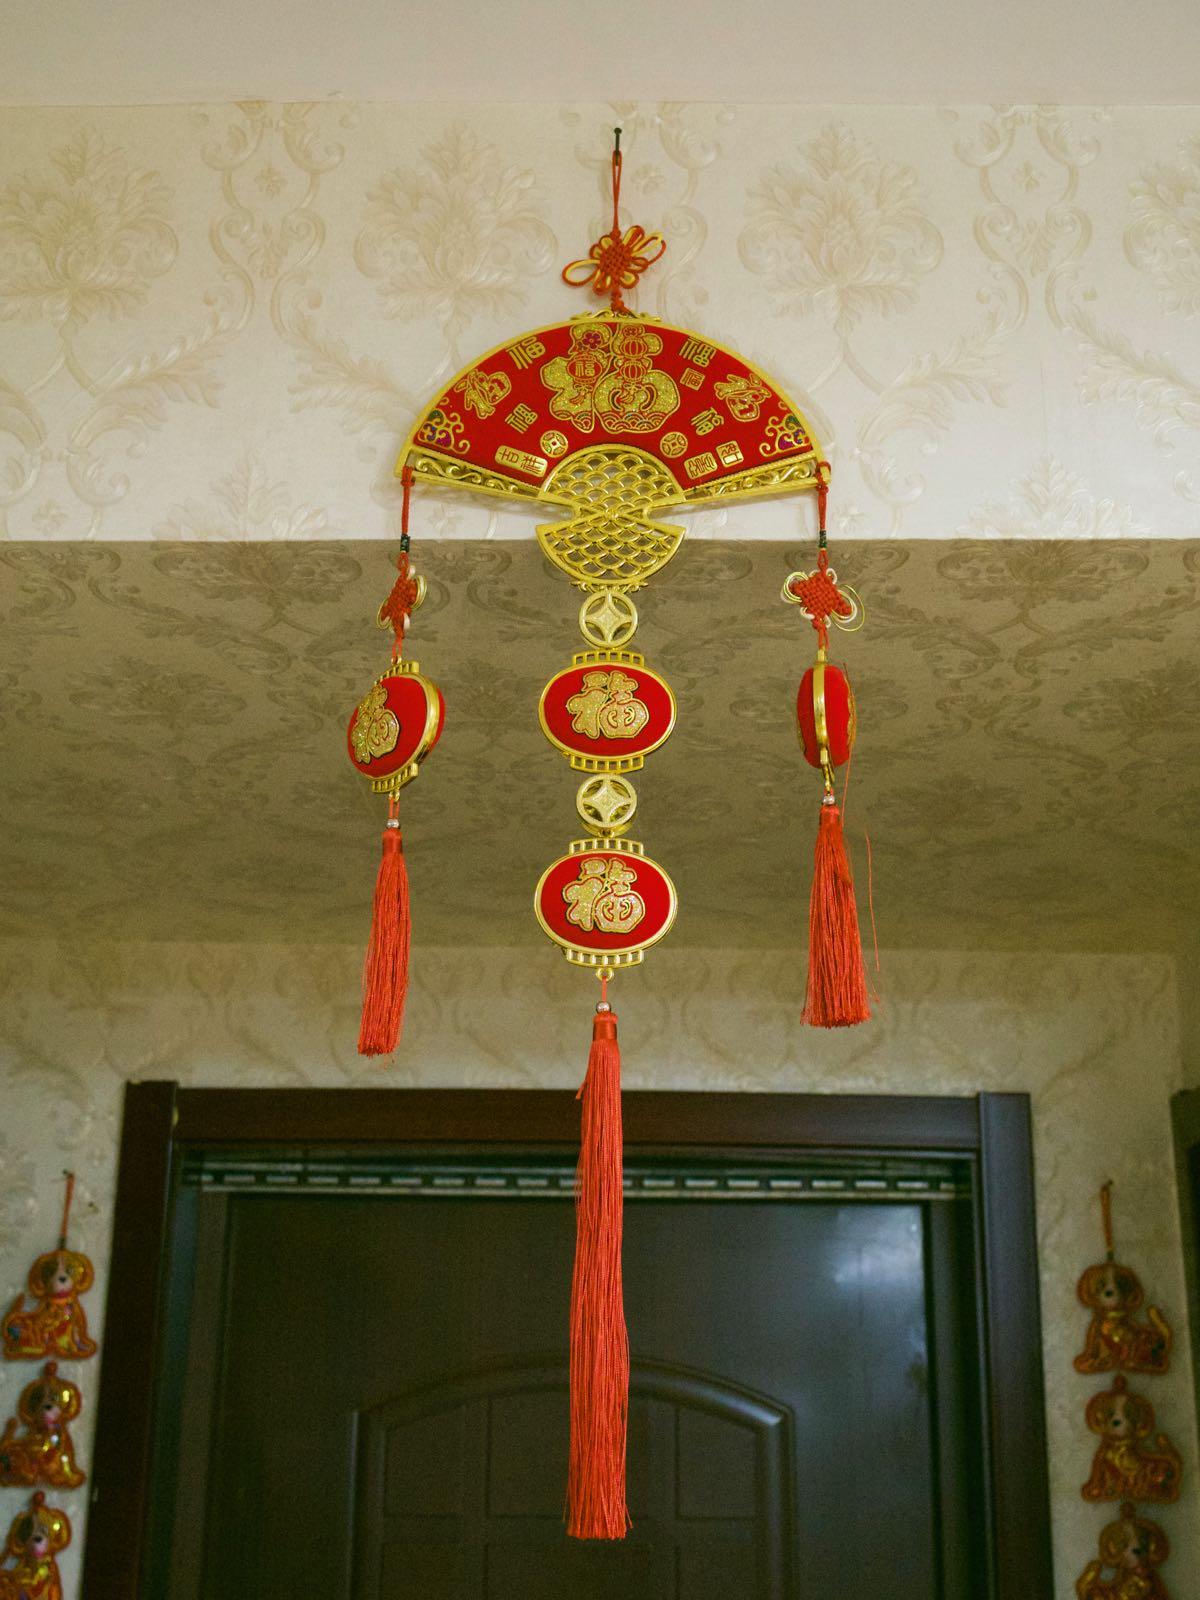 入り口の飾り物 とても中国 DMC-GX8 + LEICA DG 12-60mm